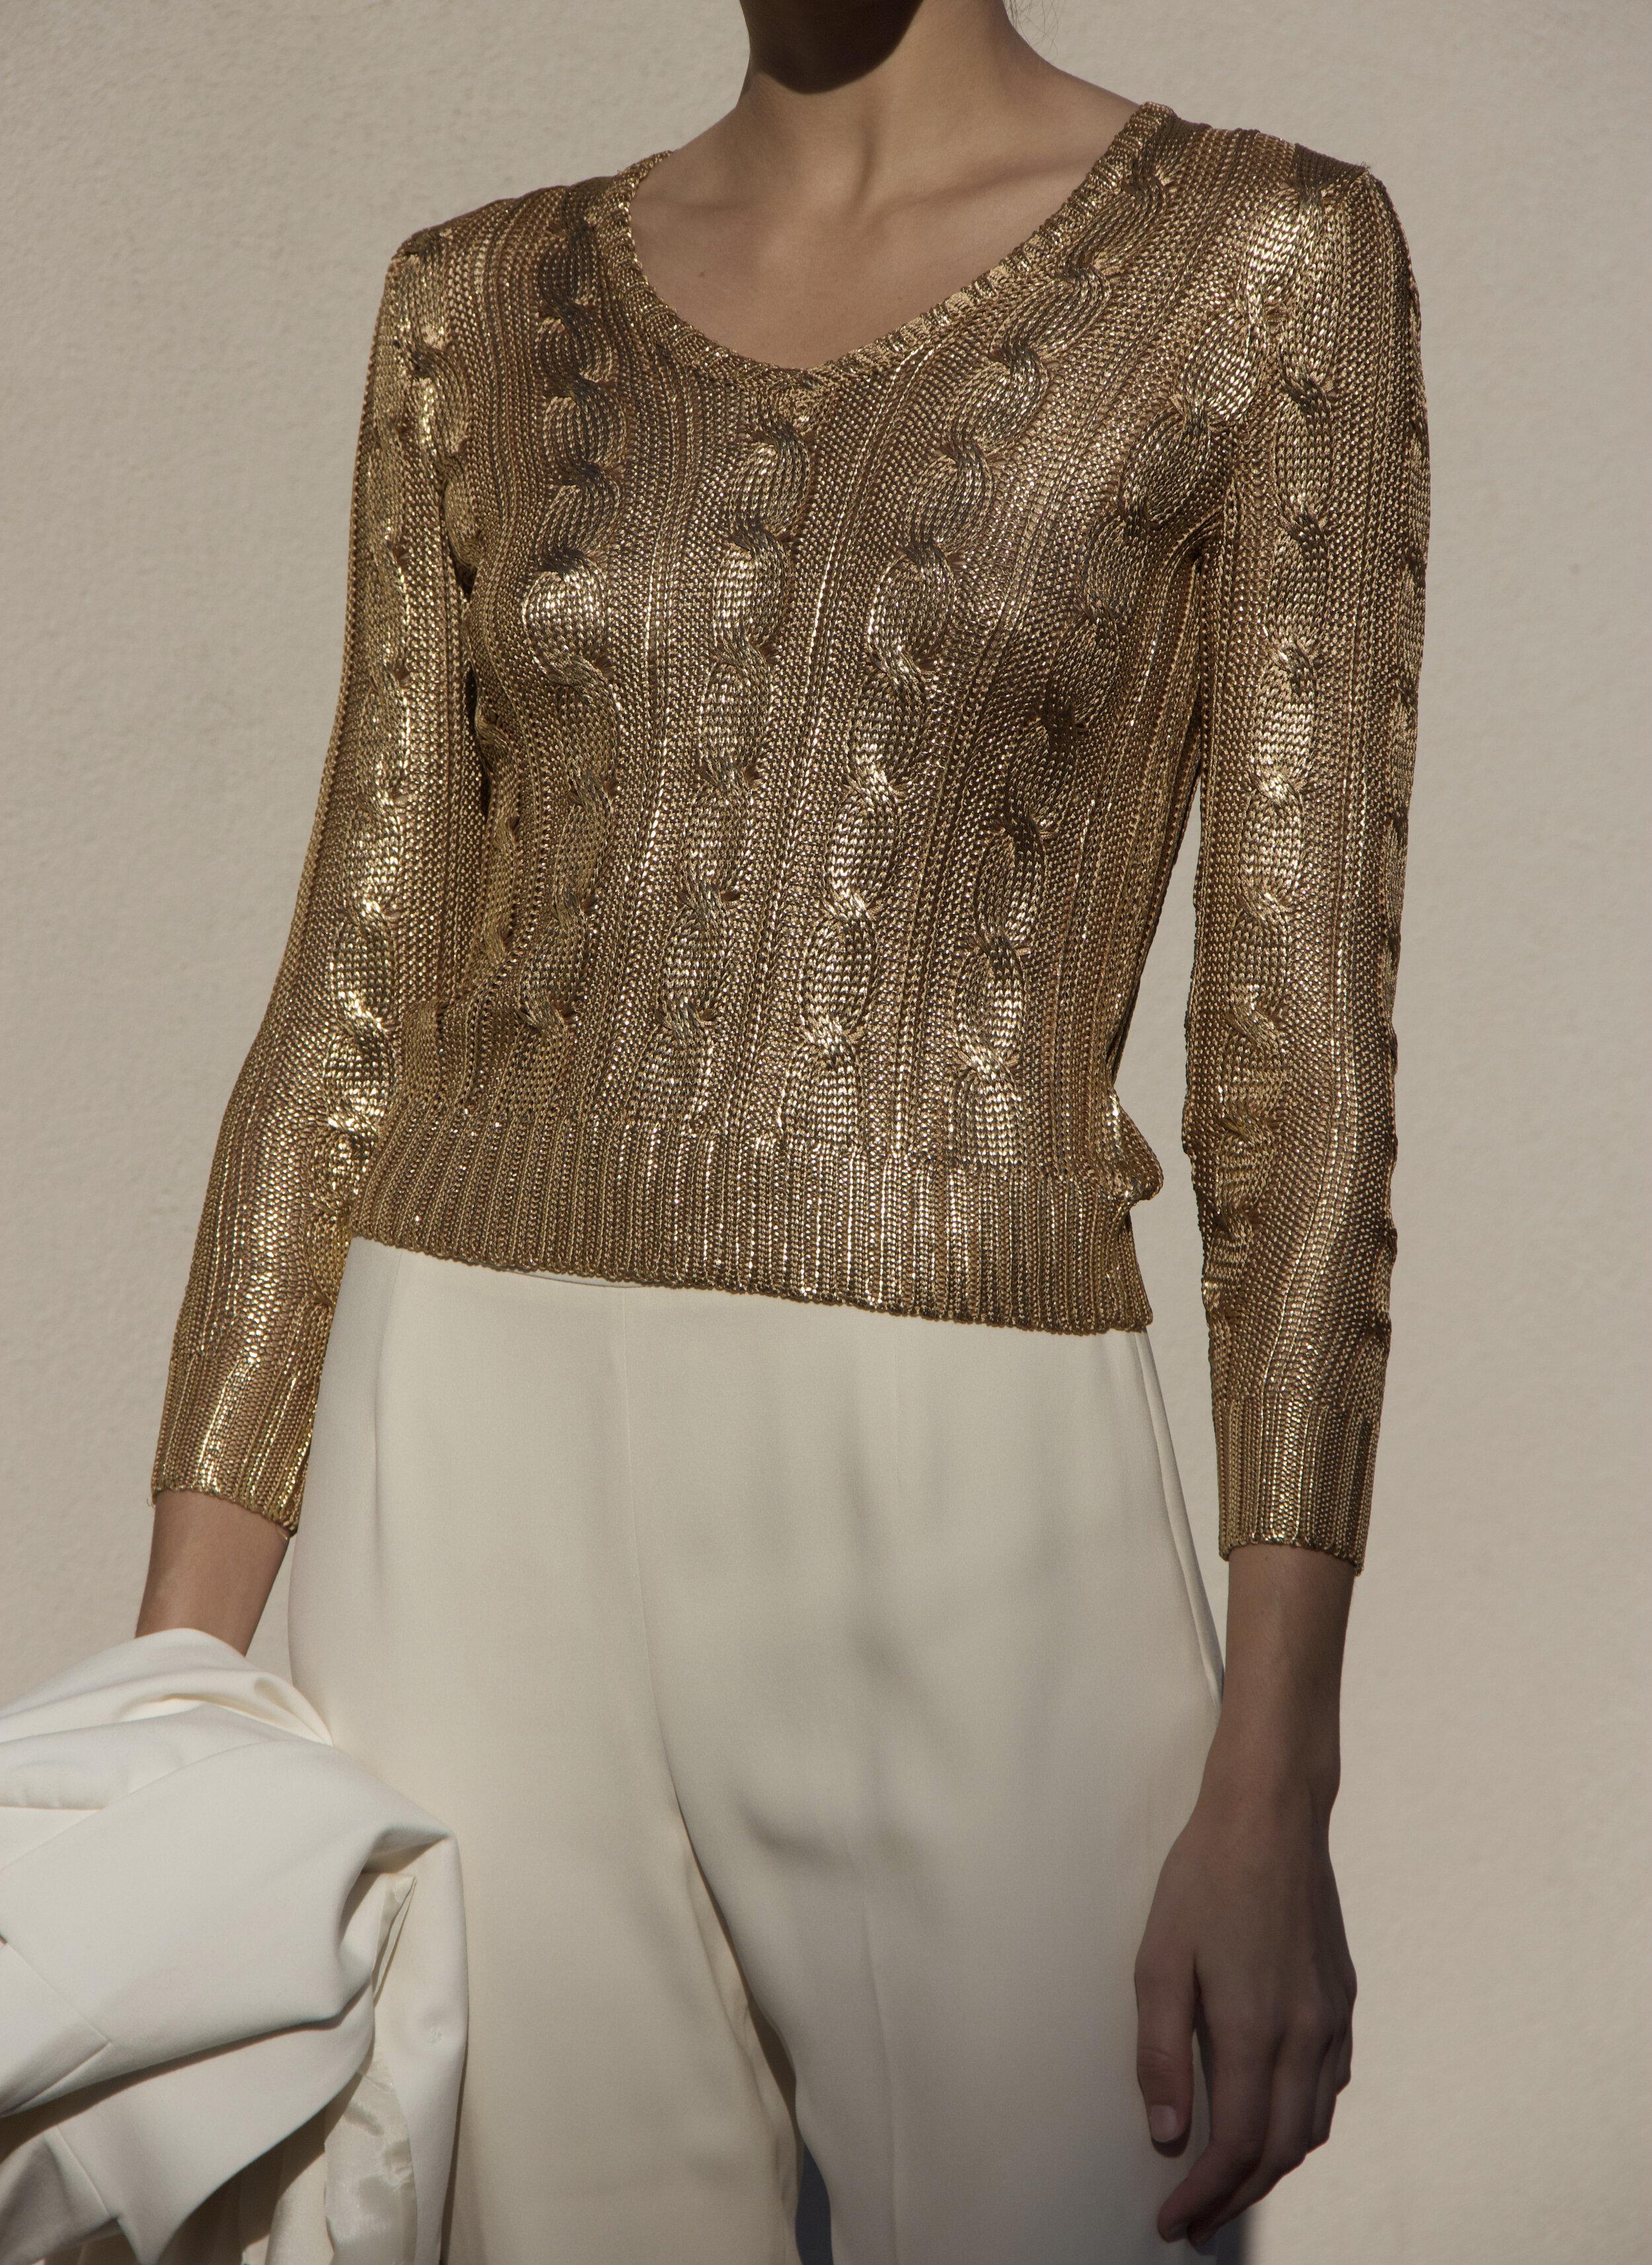 gold metallic sweater 2.jpg